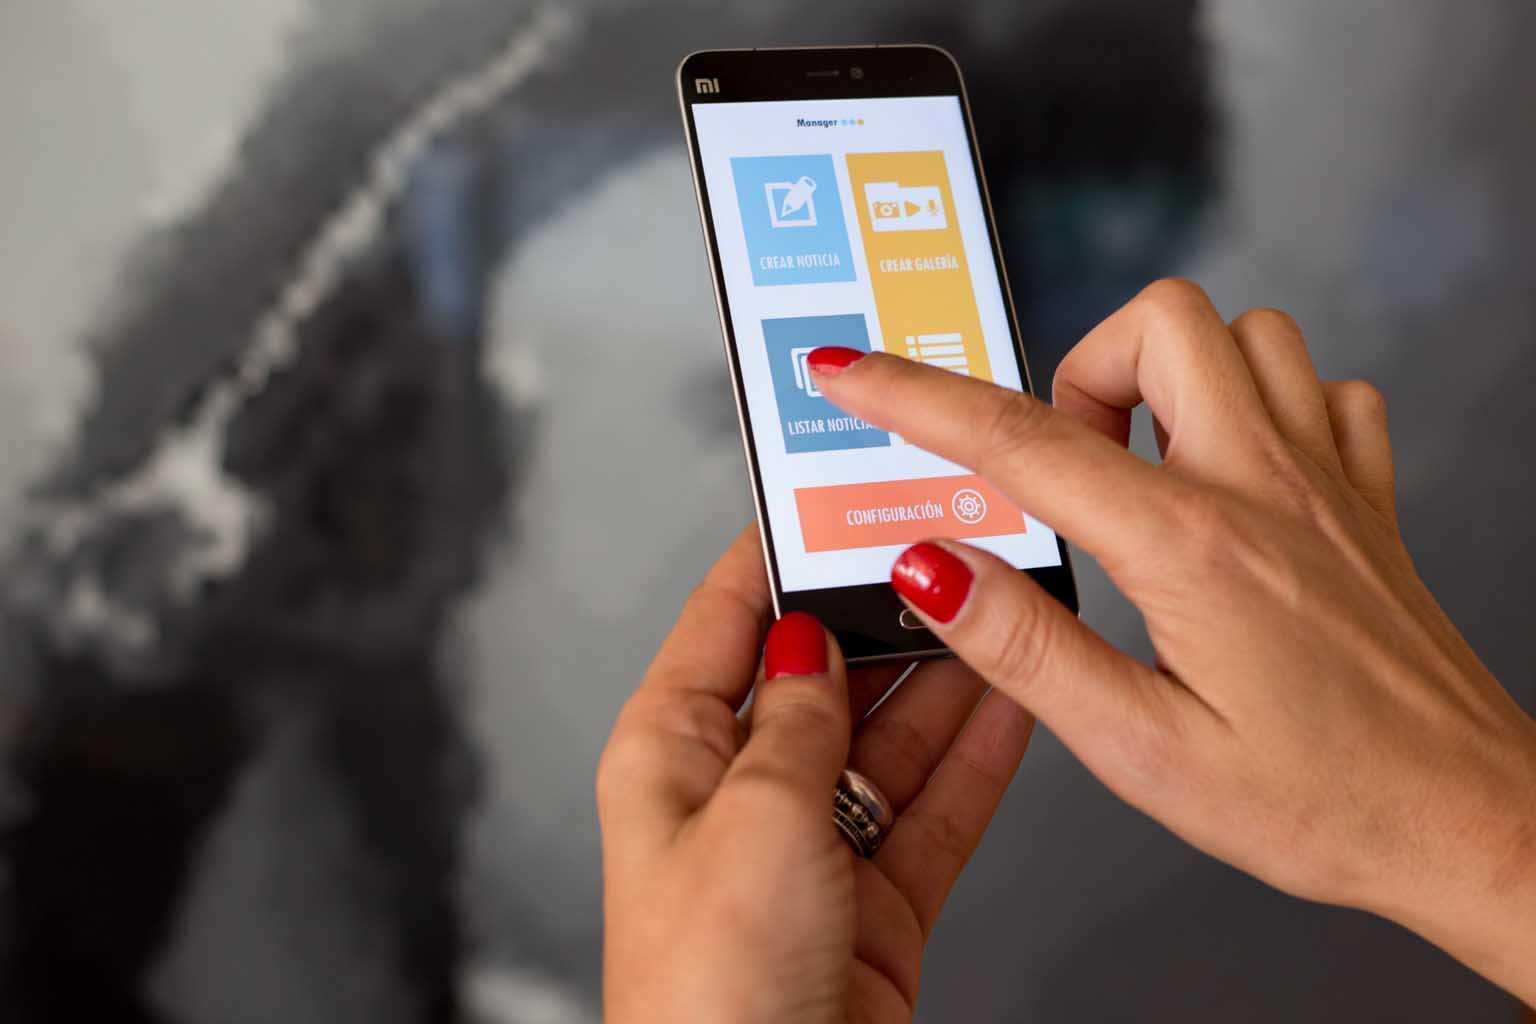 Una redactora prepara una noticia para la web en la app del móvil. Toni Escobar